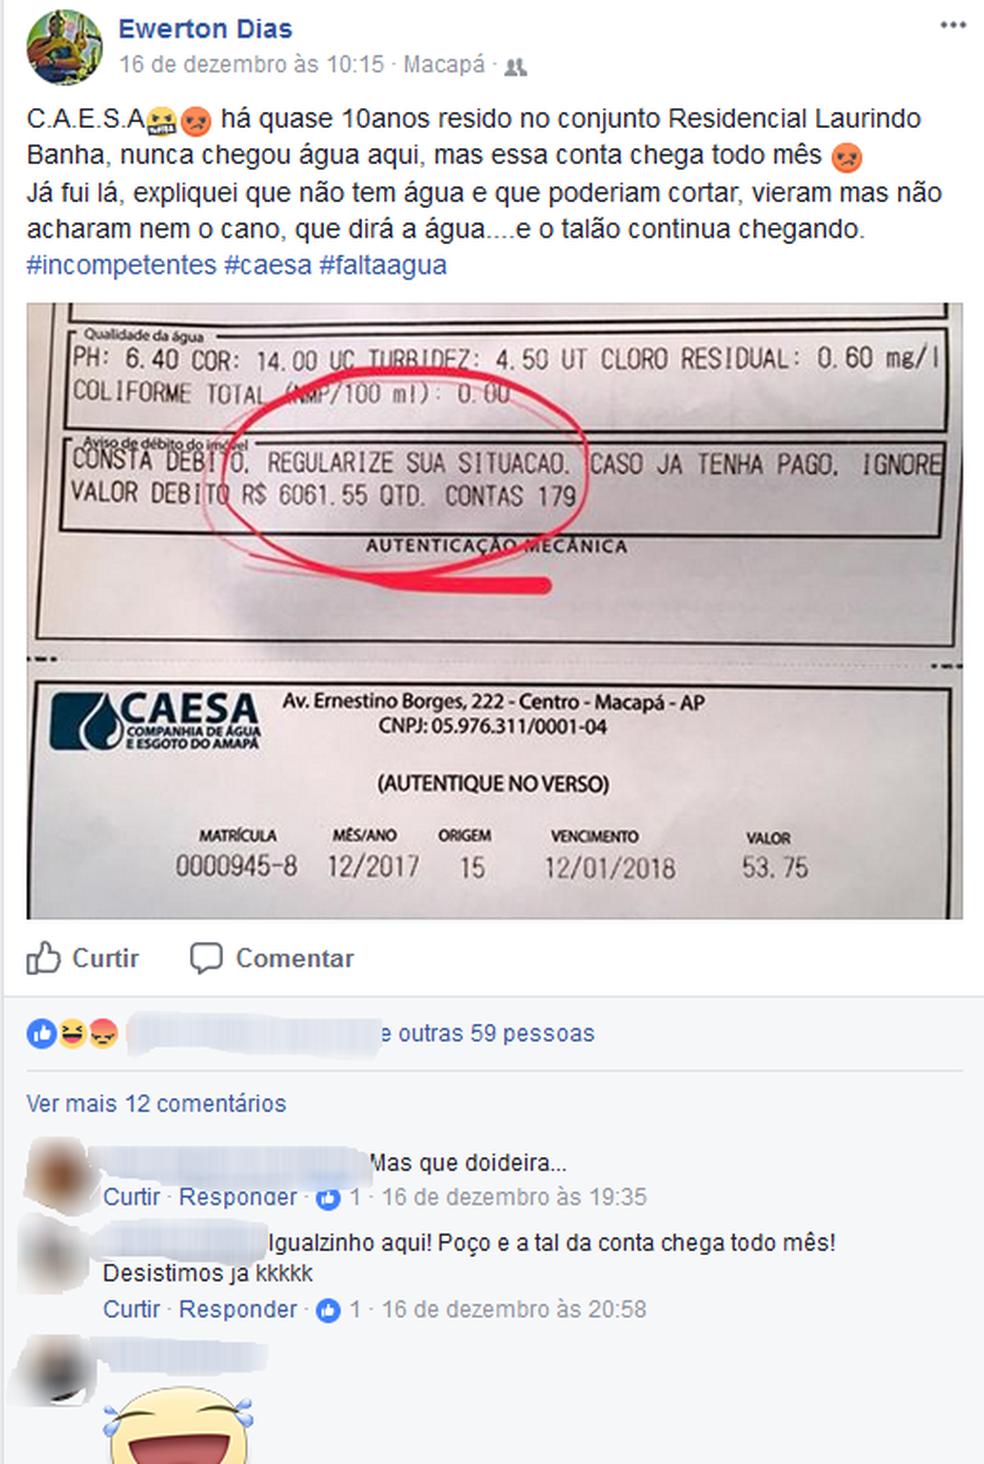 Morador reclamou sobre situação na rede social Facebook (Foto: Reprodução/Facebook)